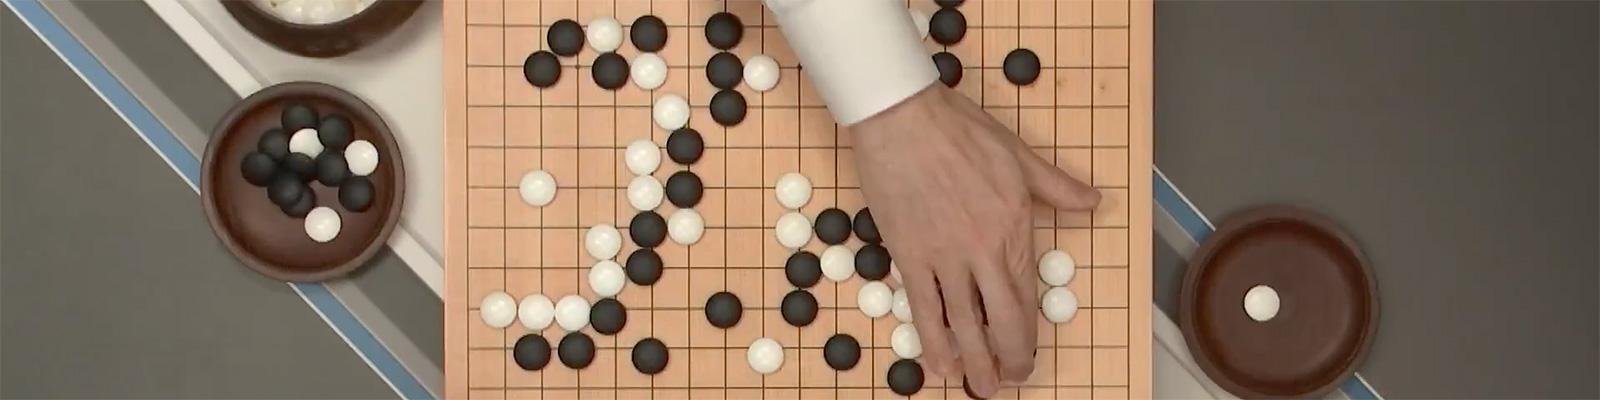 Match 4 15 Minute Summary - Google DeepMind Challenge Match 2016(DeepMind)